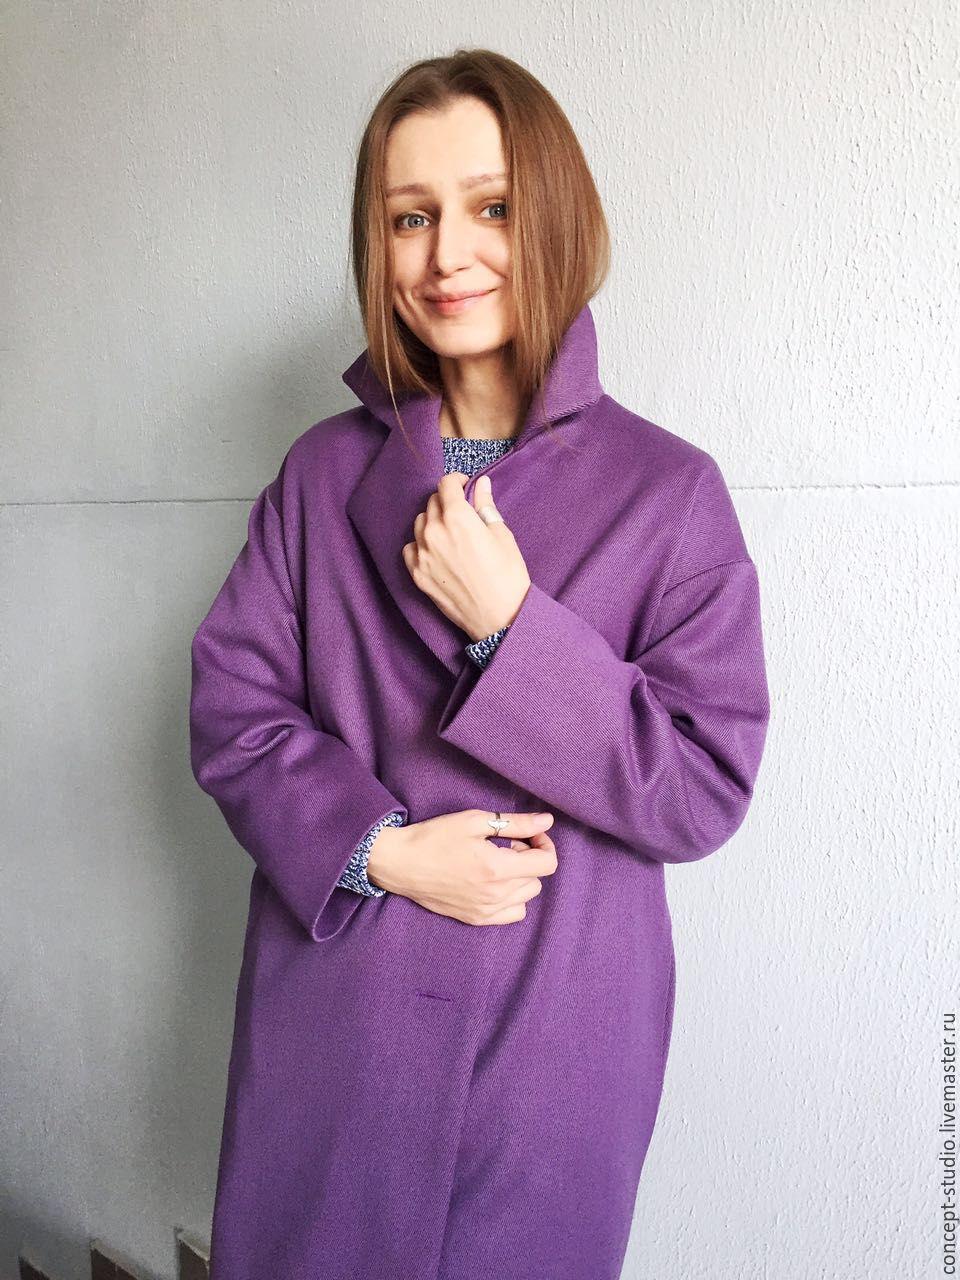 1445632856e Ярмарка Мастеров - ручная работа. Купить Демисезонное пальто фиолетовое. Верхняя  одежда ручной работы. Демисезонное пальто фиолетовое.